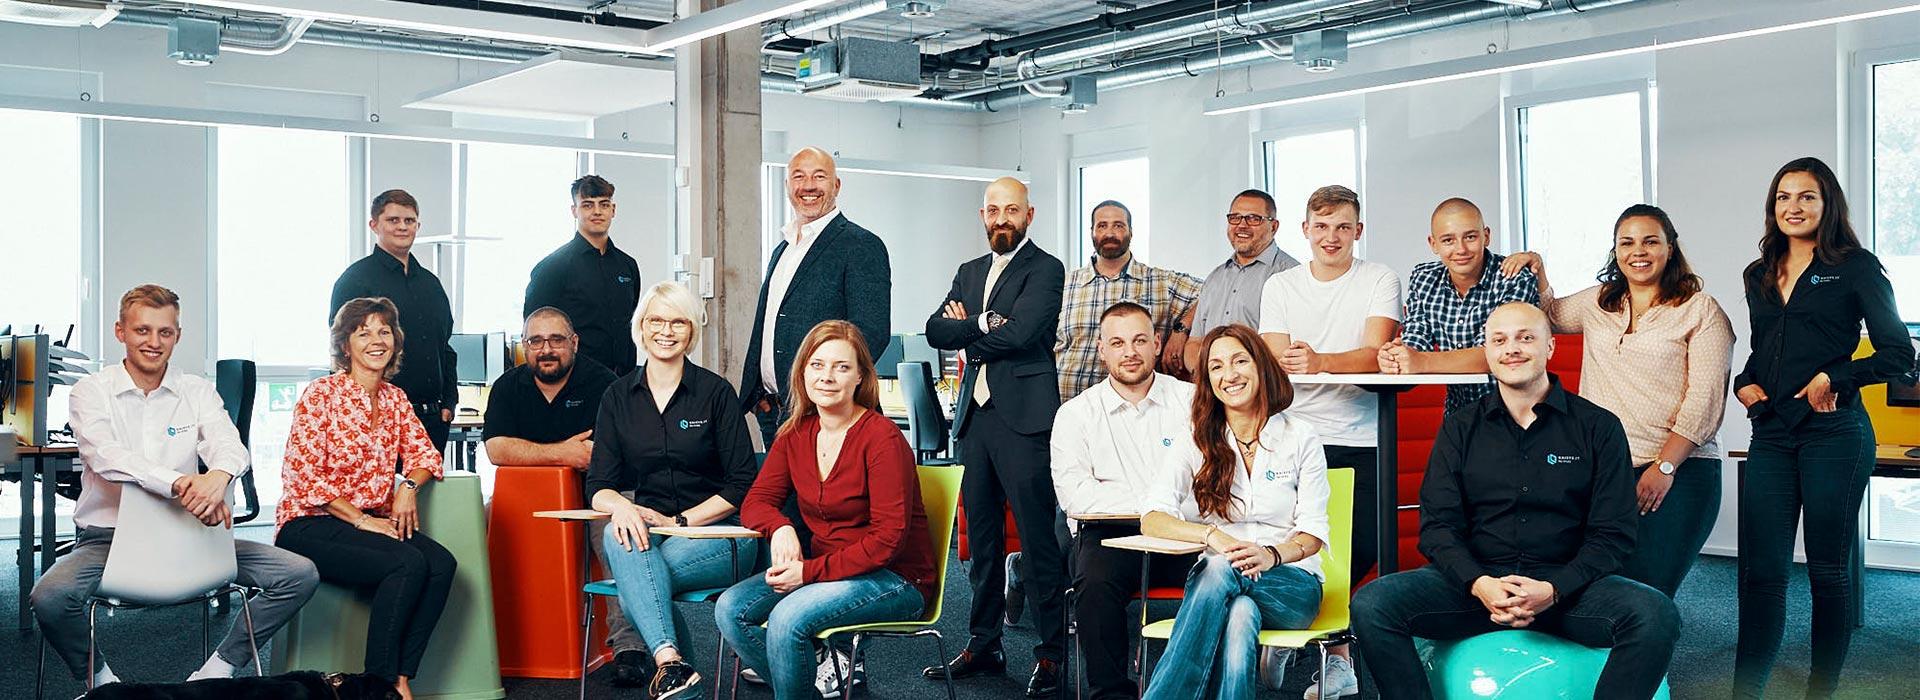 kaisys-it-dienstleister-pfullingen-team